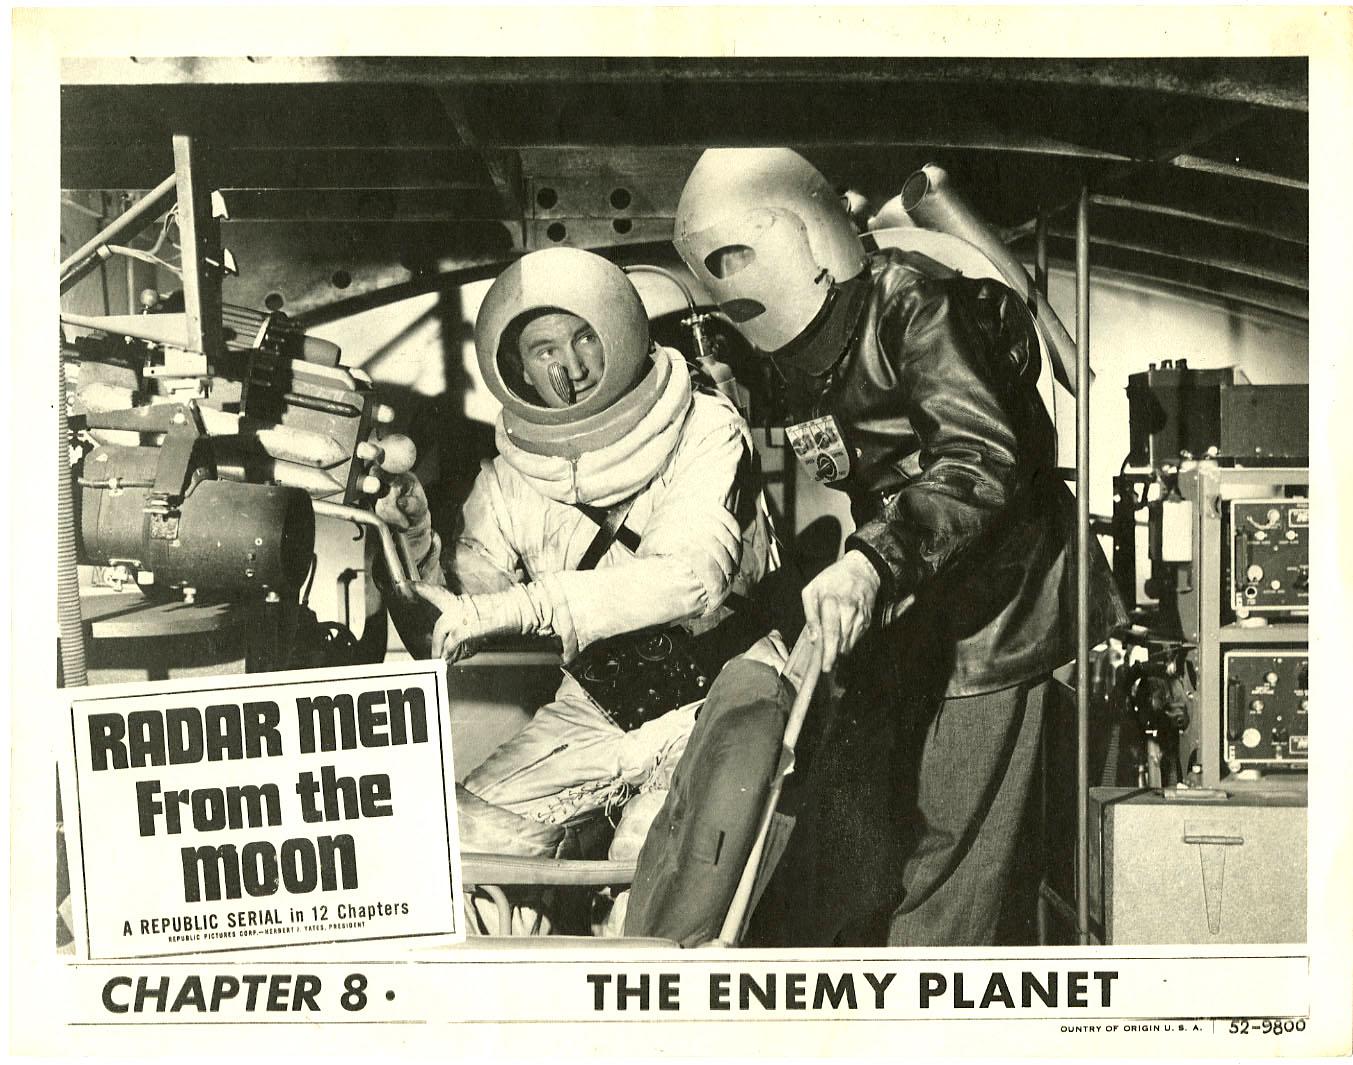 Radar Men from the Moon seria